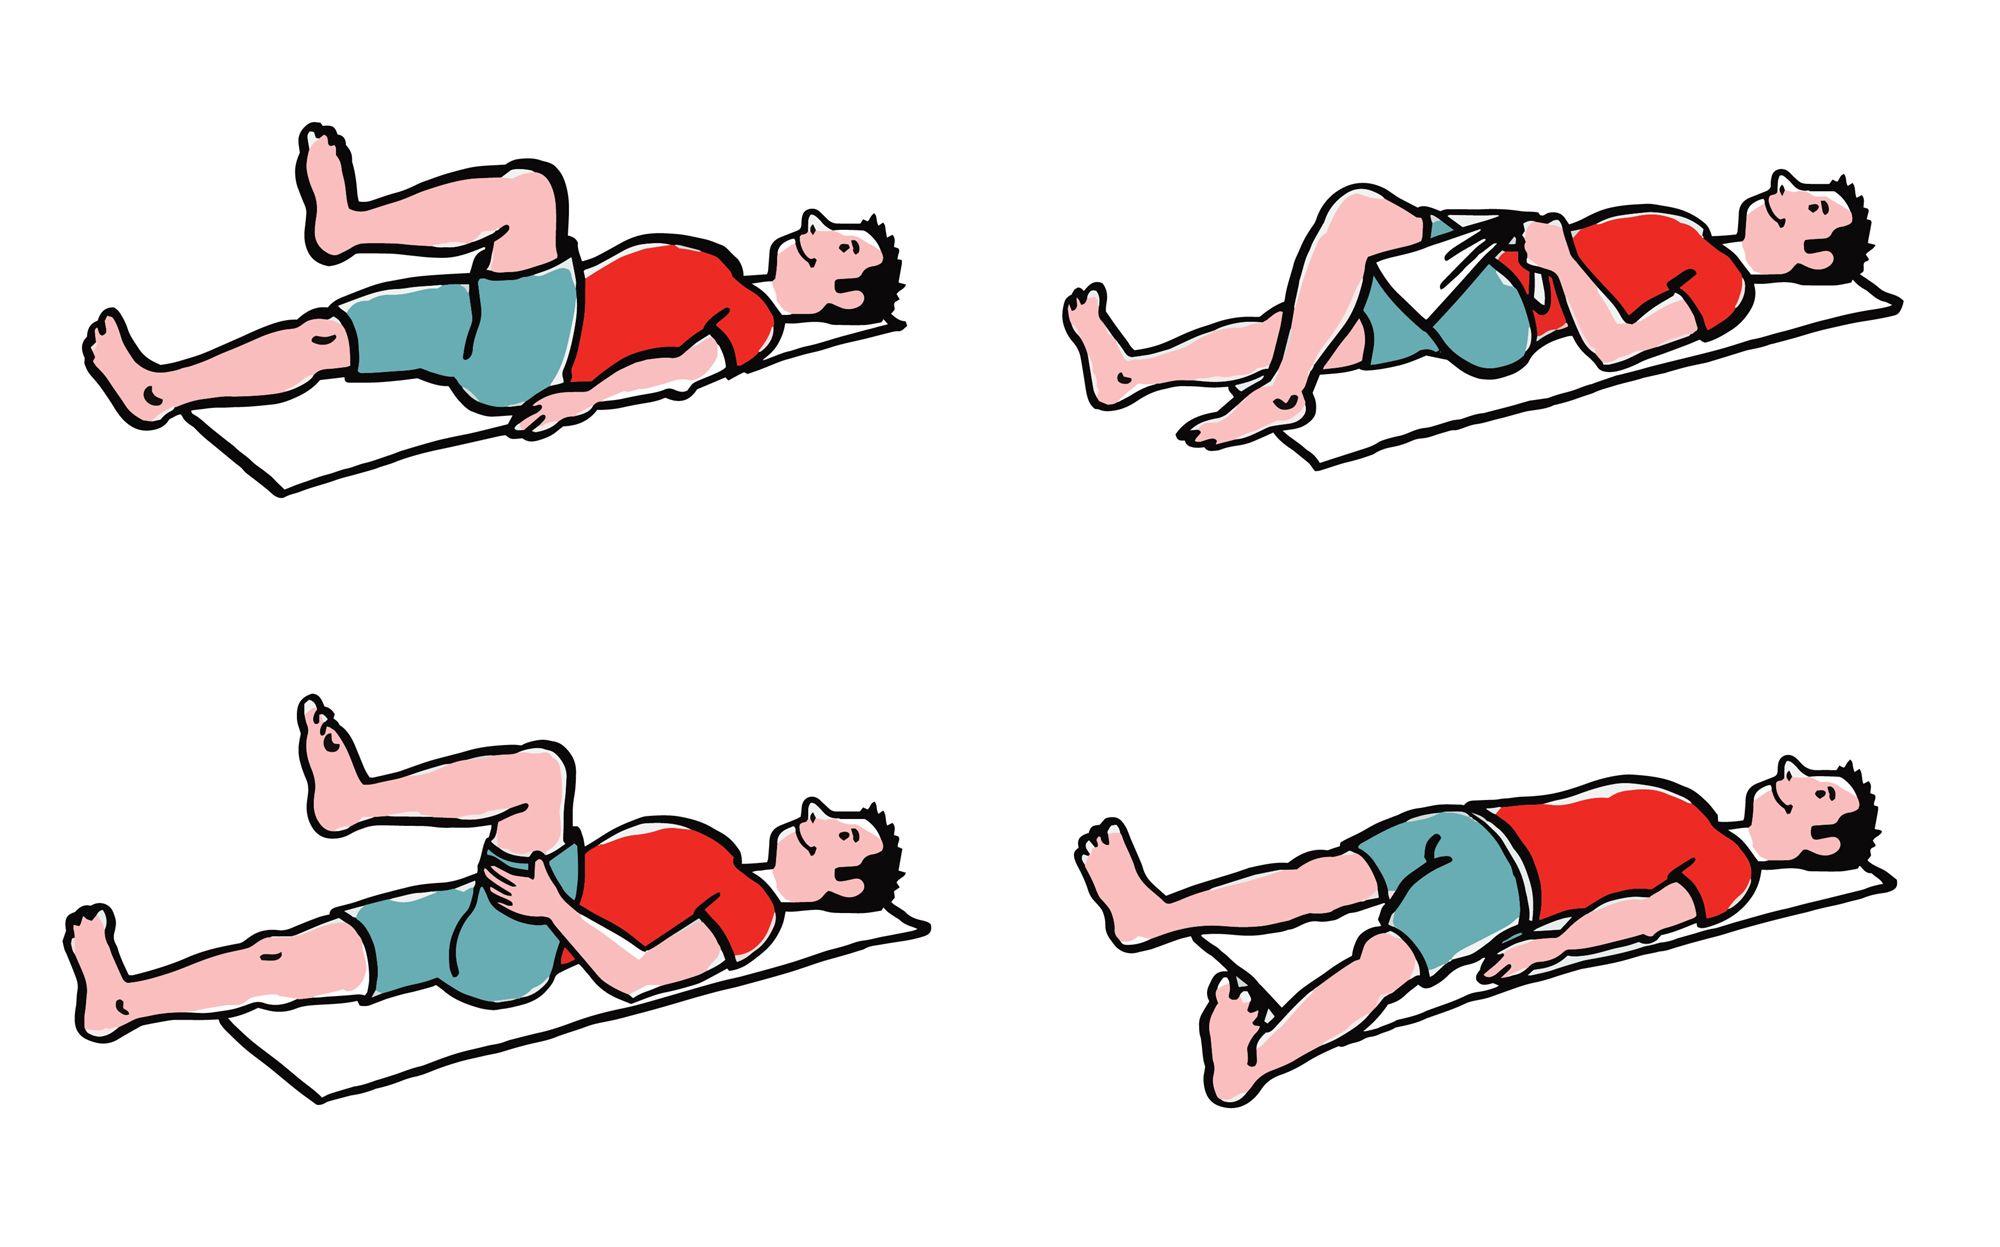 ćwiczenia staw kolanowy 3